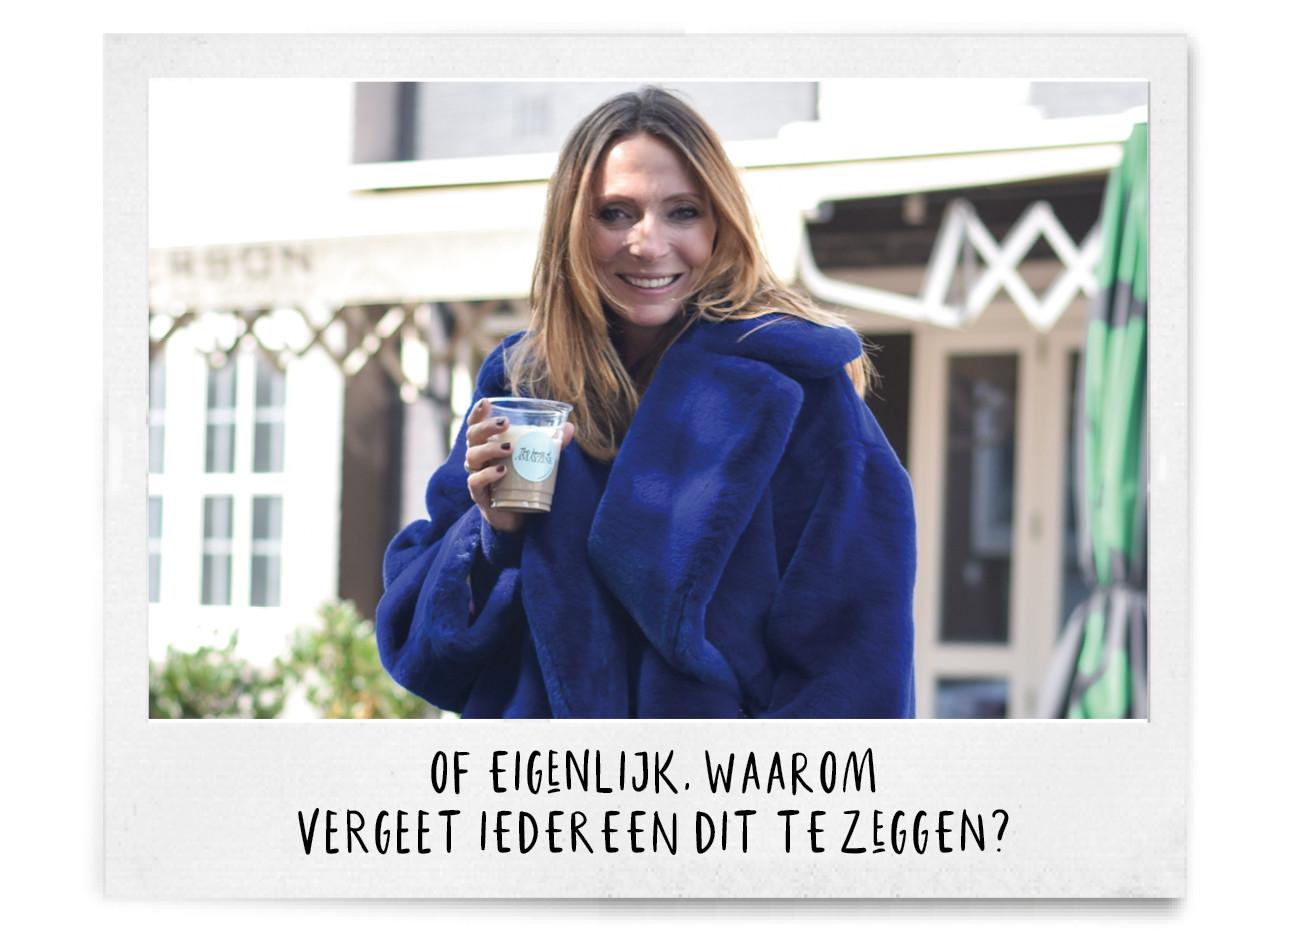 may in blauwe faux fur jas met koffie in haar hand voor jefferson